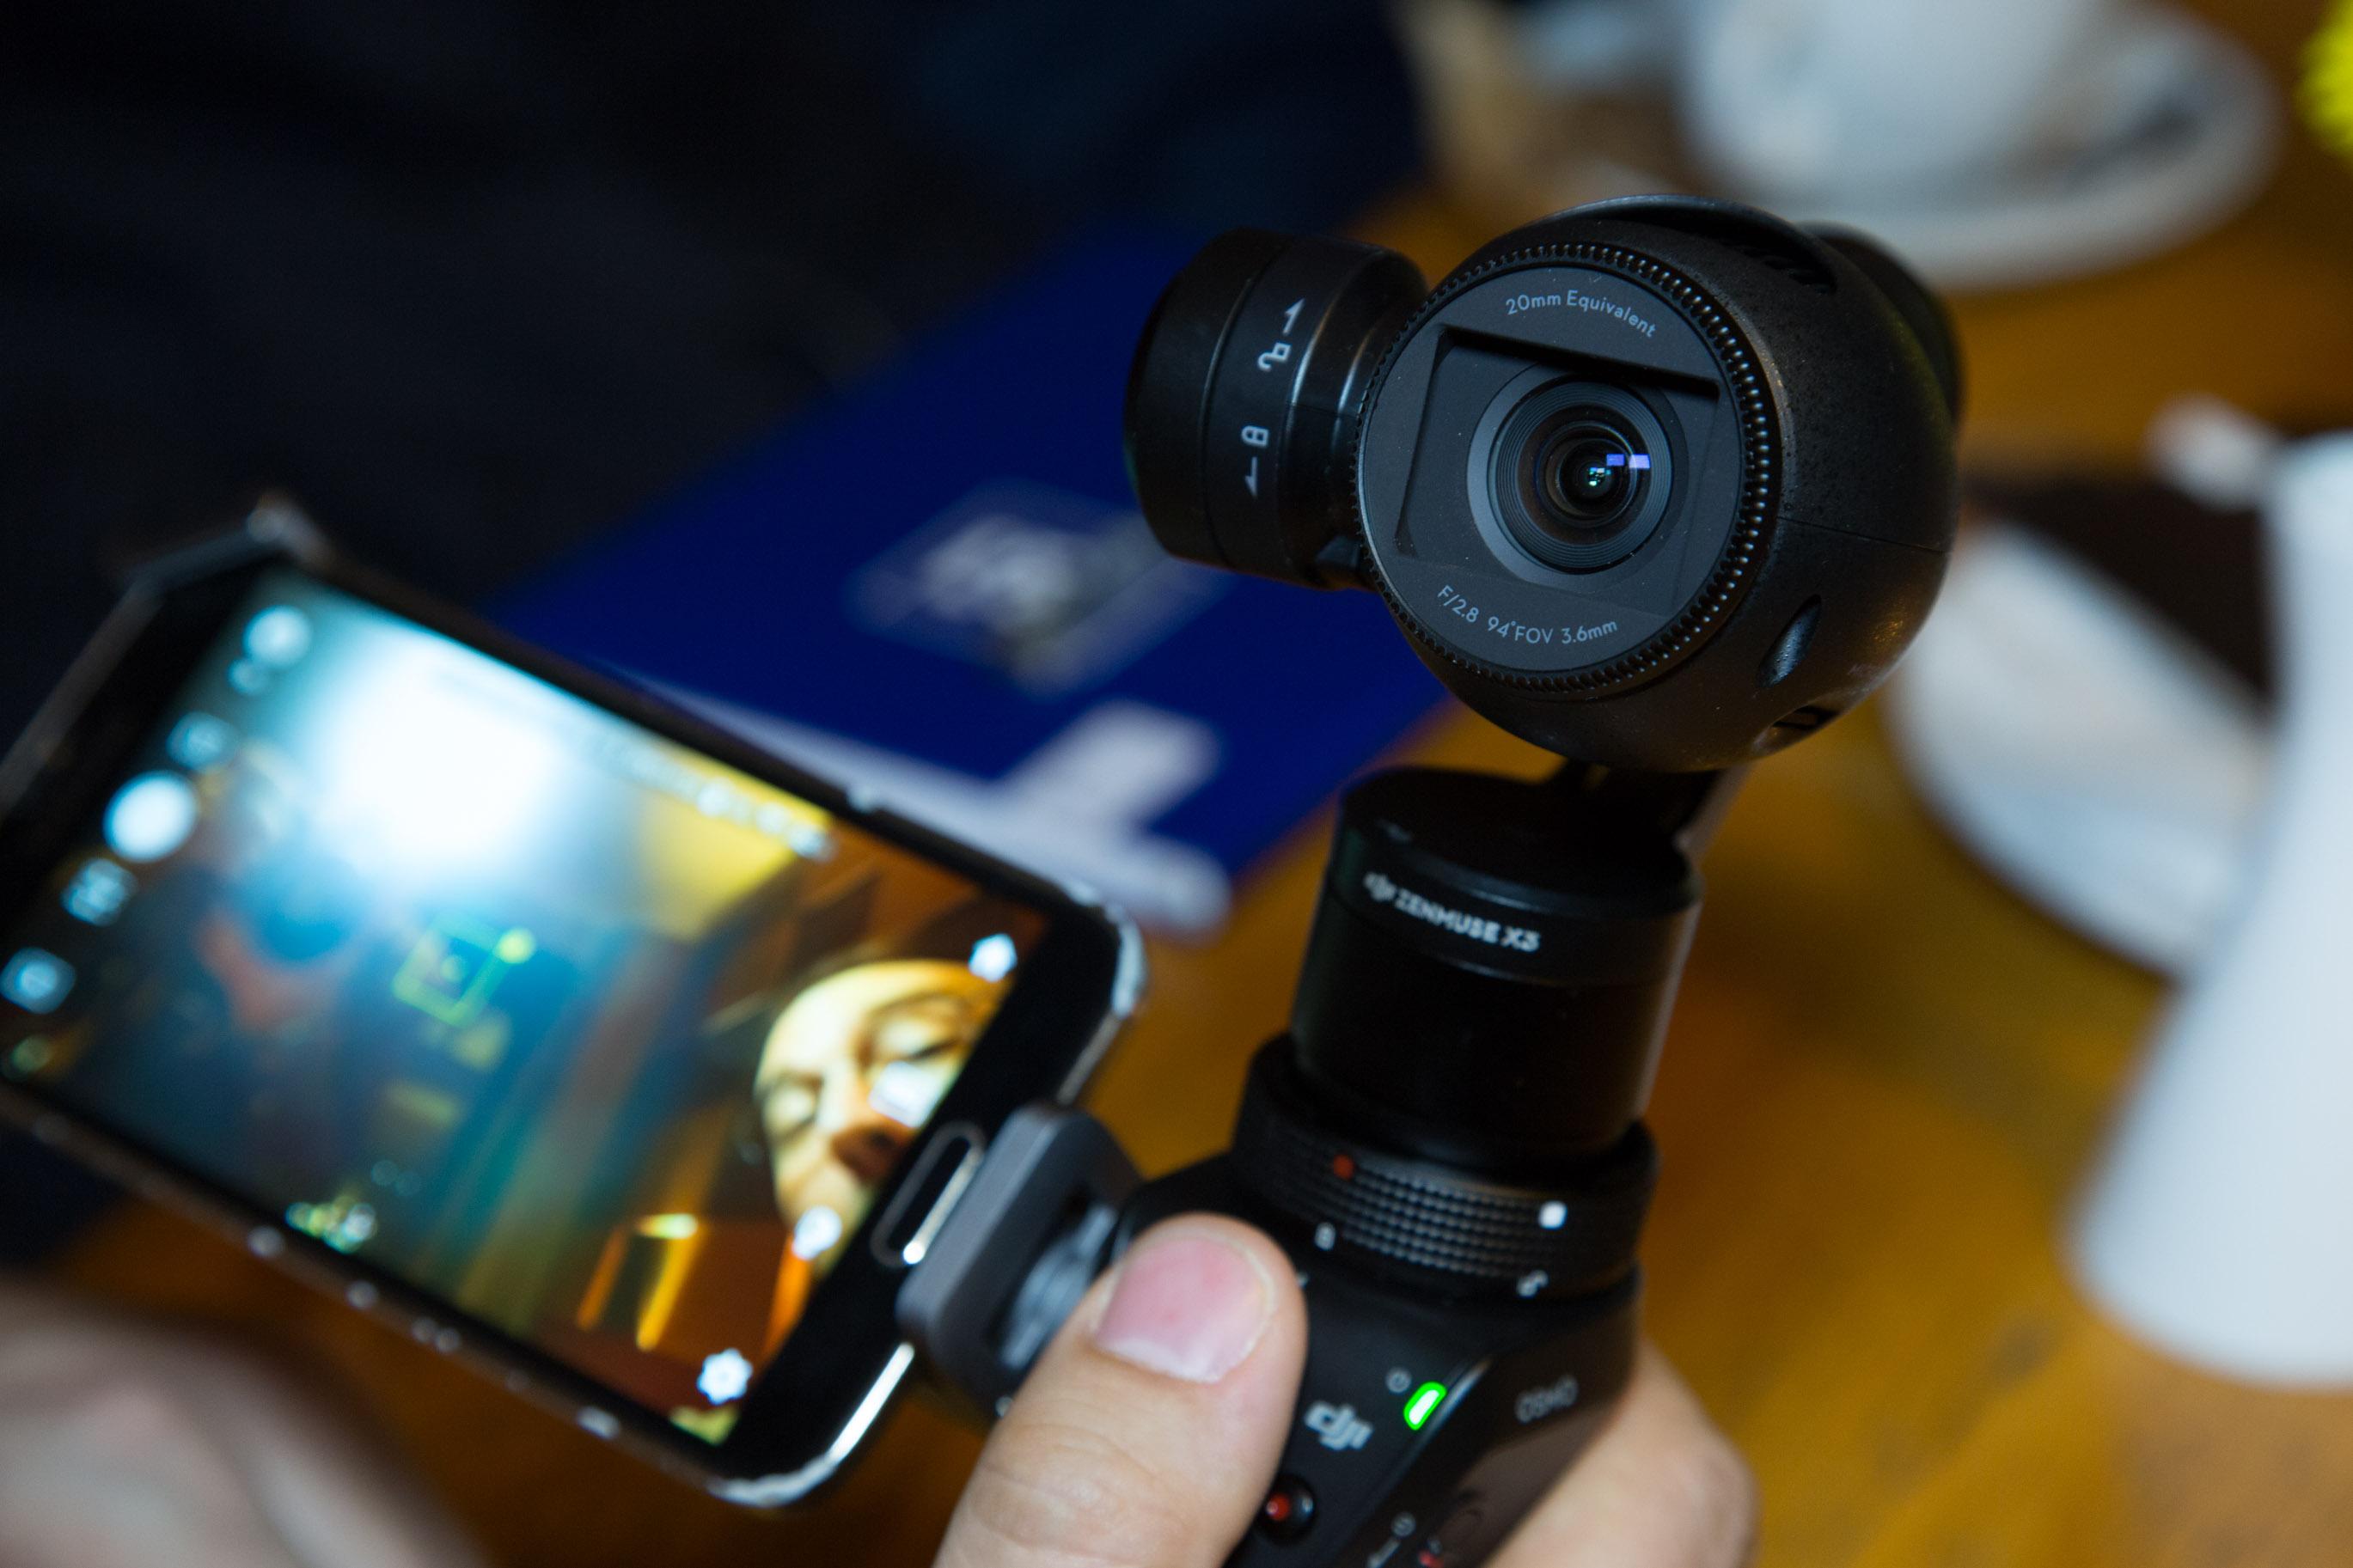 Osmo im Hands on: DJI präsentiert stabilisierte Handkamera für 750 Euro -